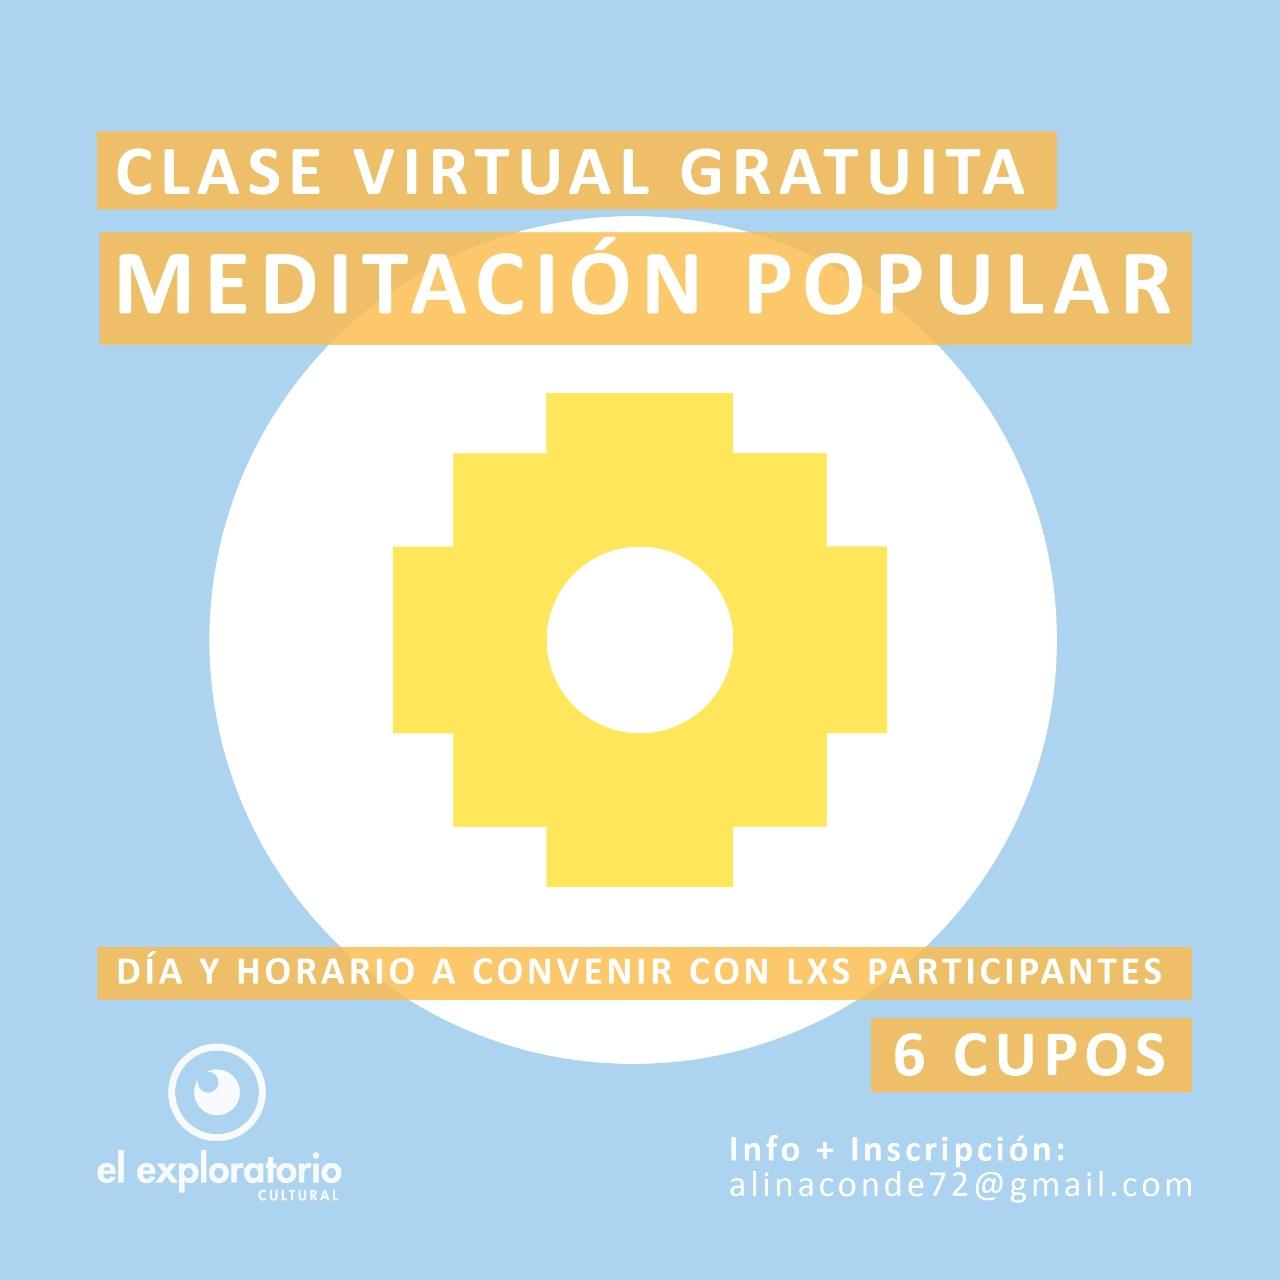 Farmacoop: Arranca a funcionar El Exploratorio con clases de Meditación Popular